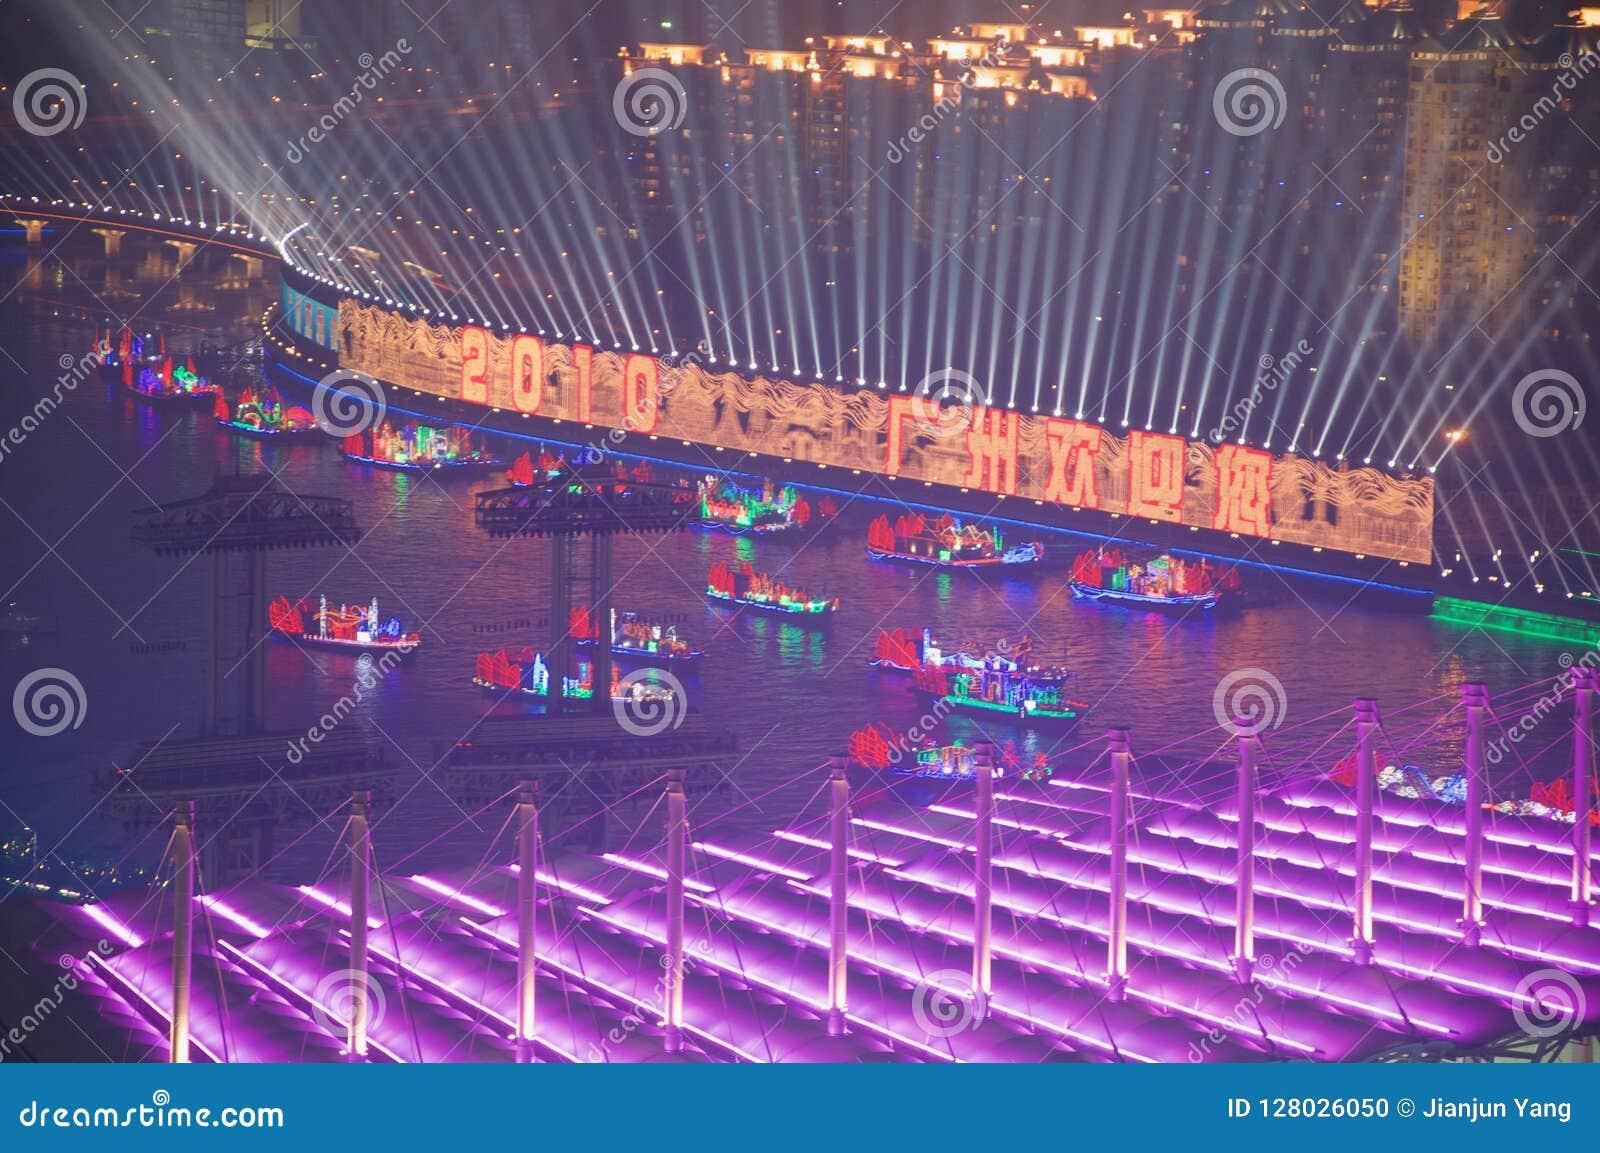 The Asian Games 2010 Guangzhou China